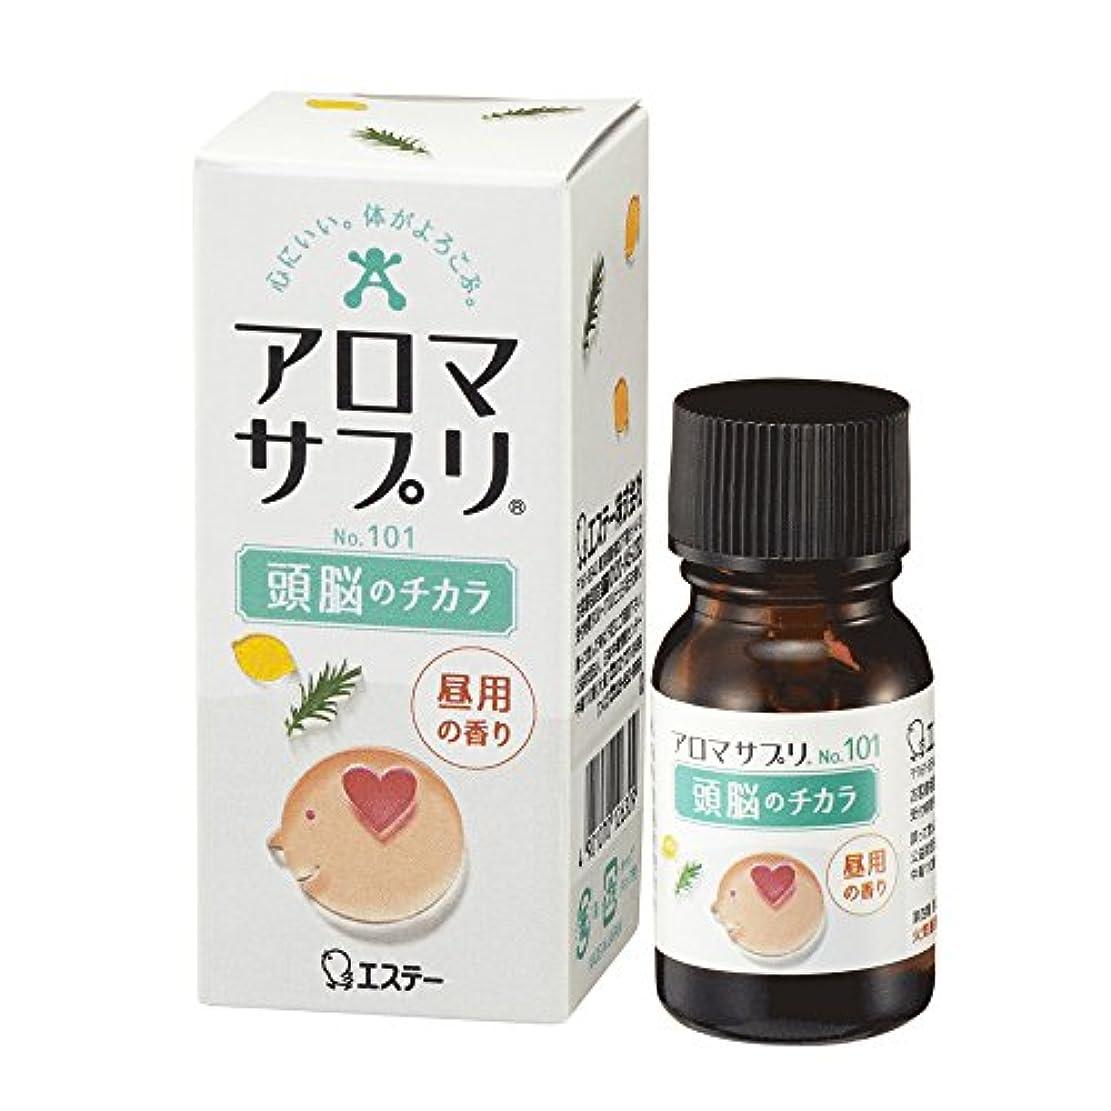 呼ぶインフルエンザダブルアロマサプリ 100%天然ブレンドアロマ 頭脳のチカラ 昼用の香り ローズマリーカンファー&レモン 10ml (約60回分)